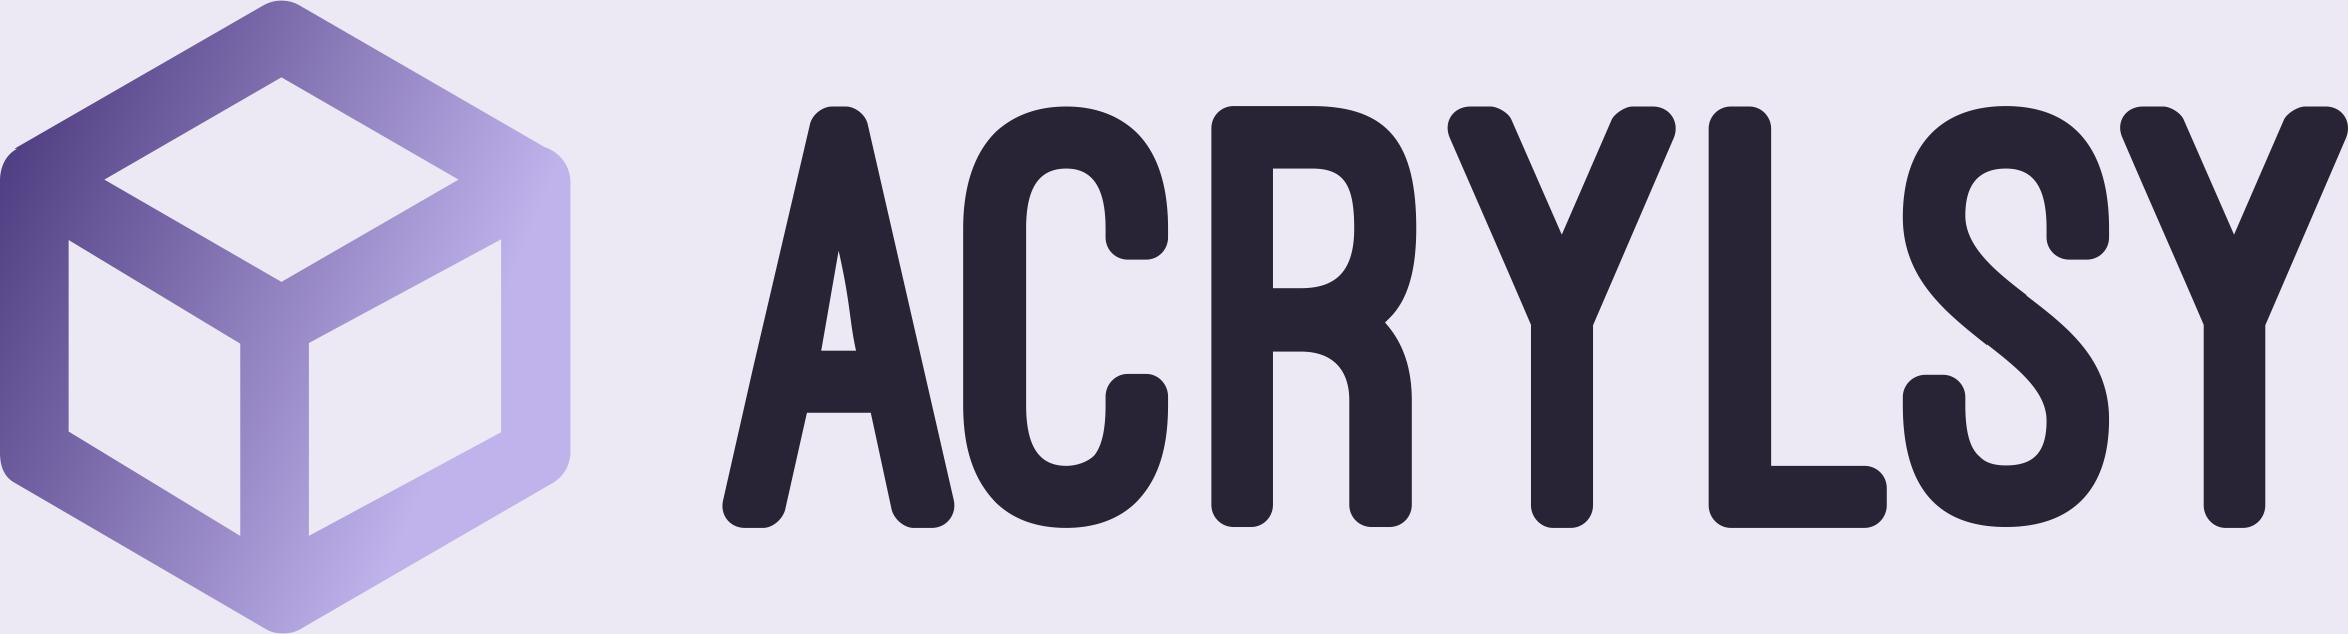 Acrylsy